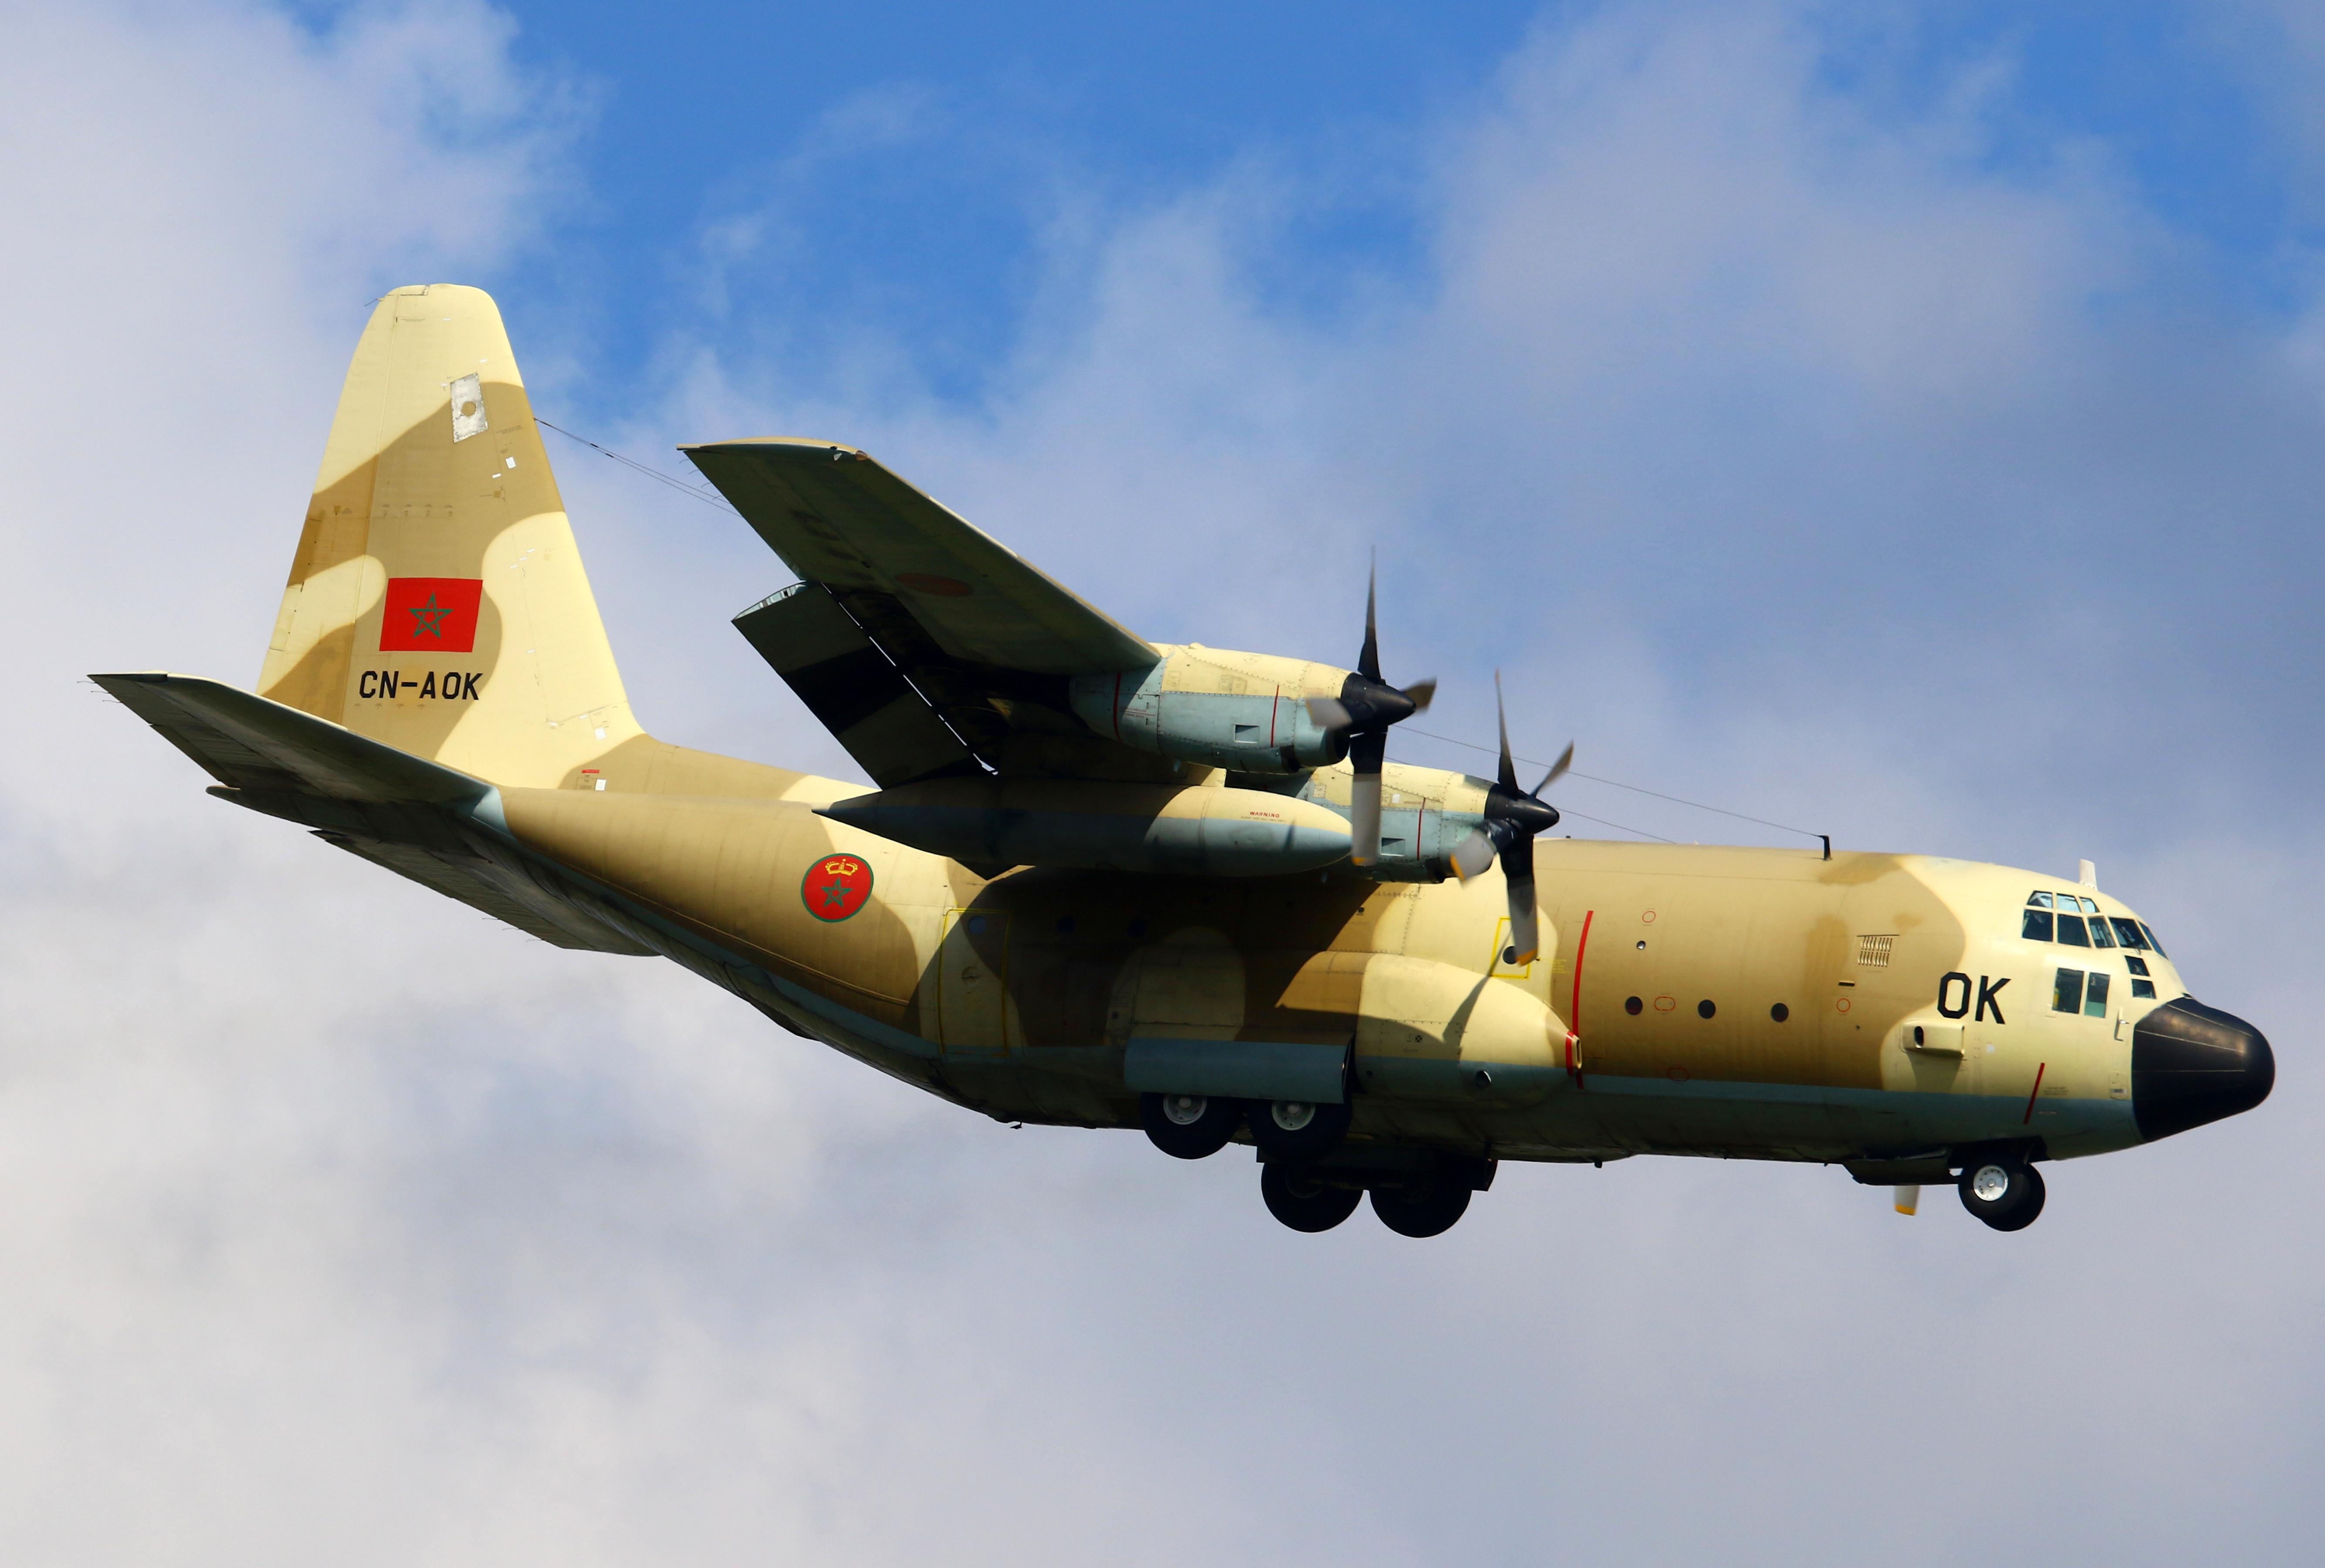 FRA: Photos d'avions de transport - Page 42 51118080860_5e4433e8c4_o_d